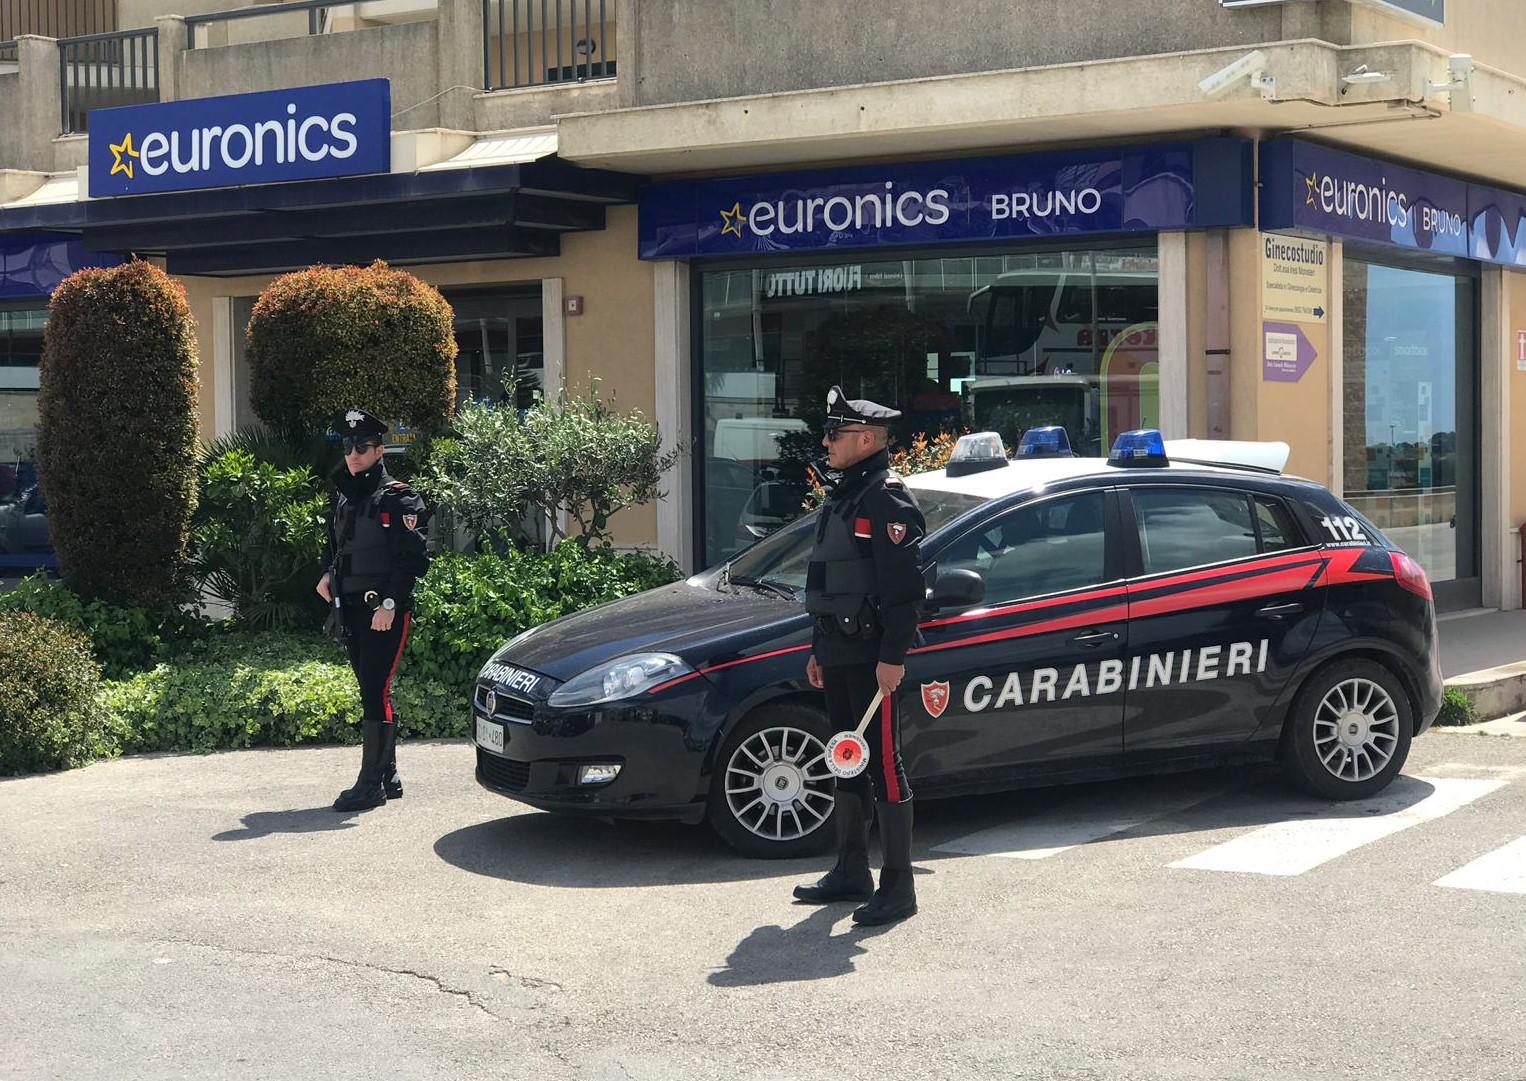 Modica, scoperti dai carabinieri i 4 autori della rapina da Bruno Euronics